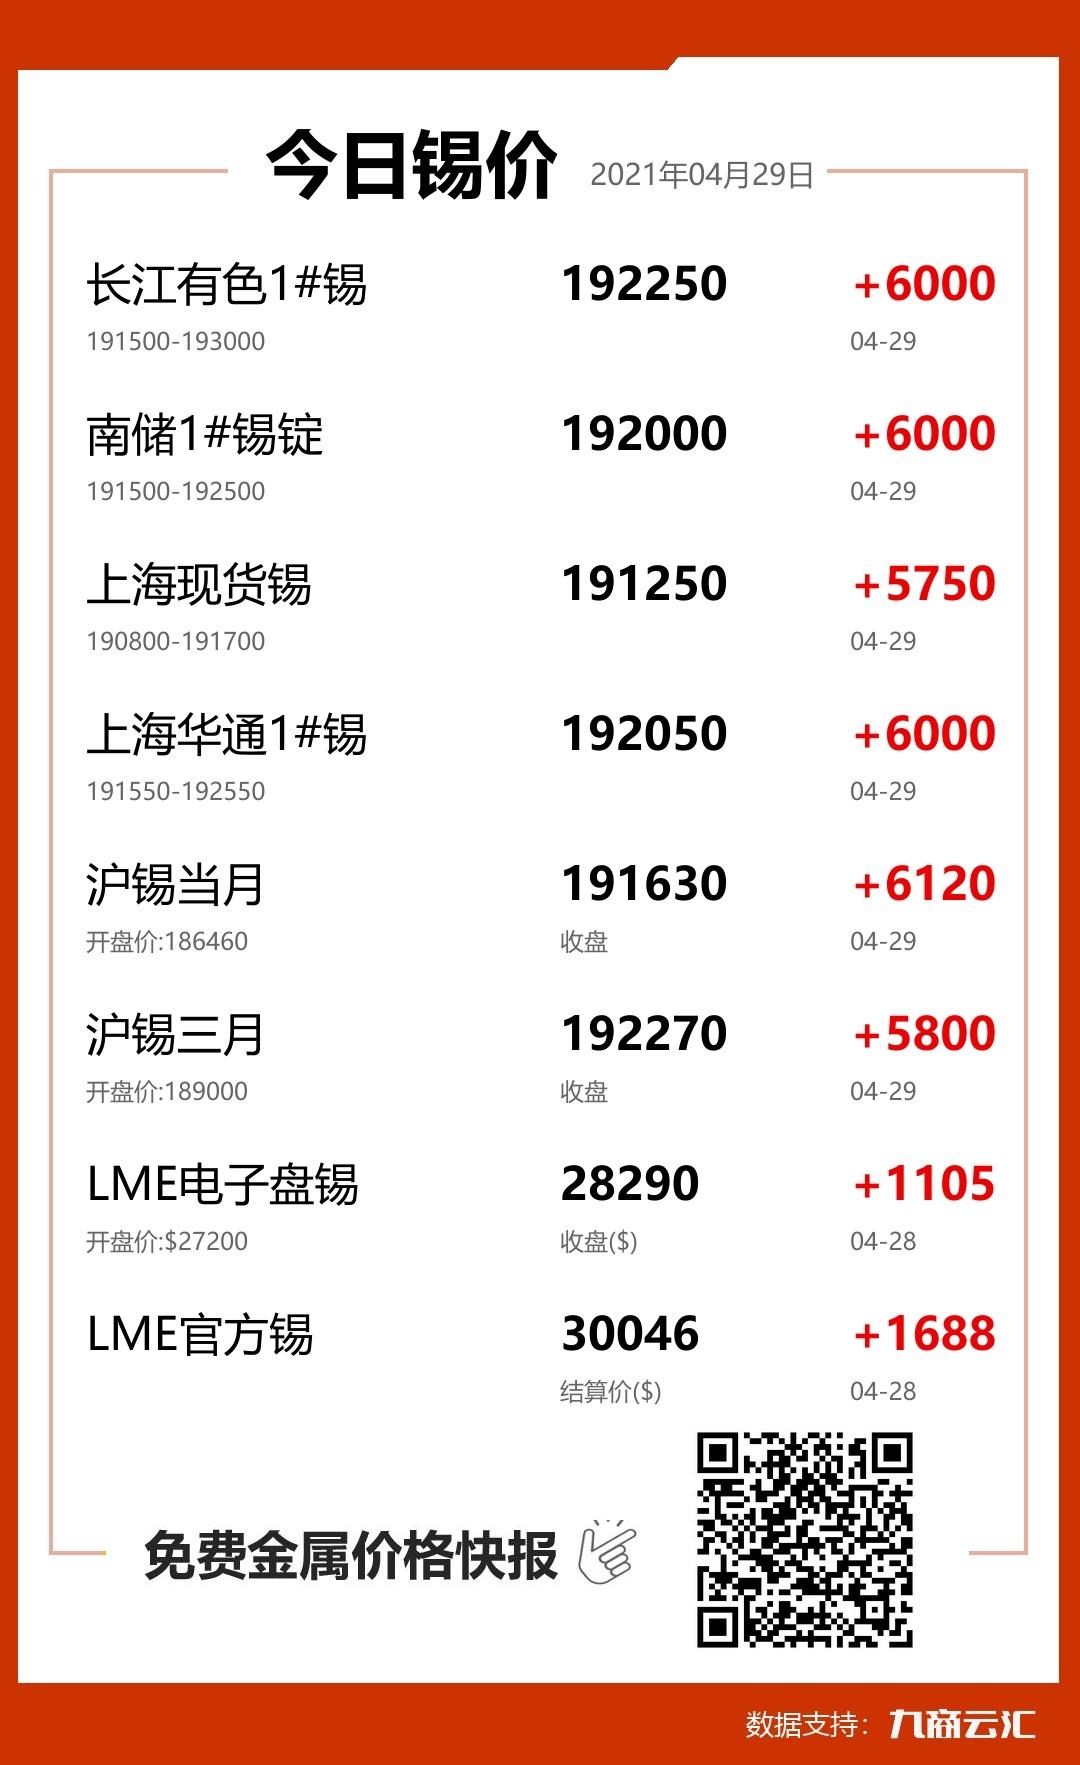 2021年04月29日云汇锡价行情:今日锡价大涨